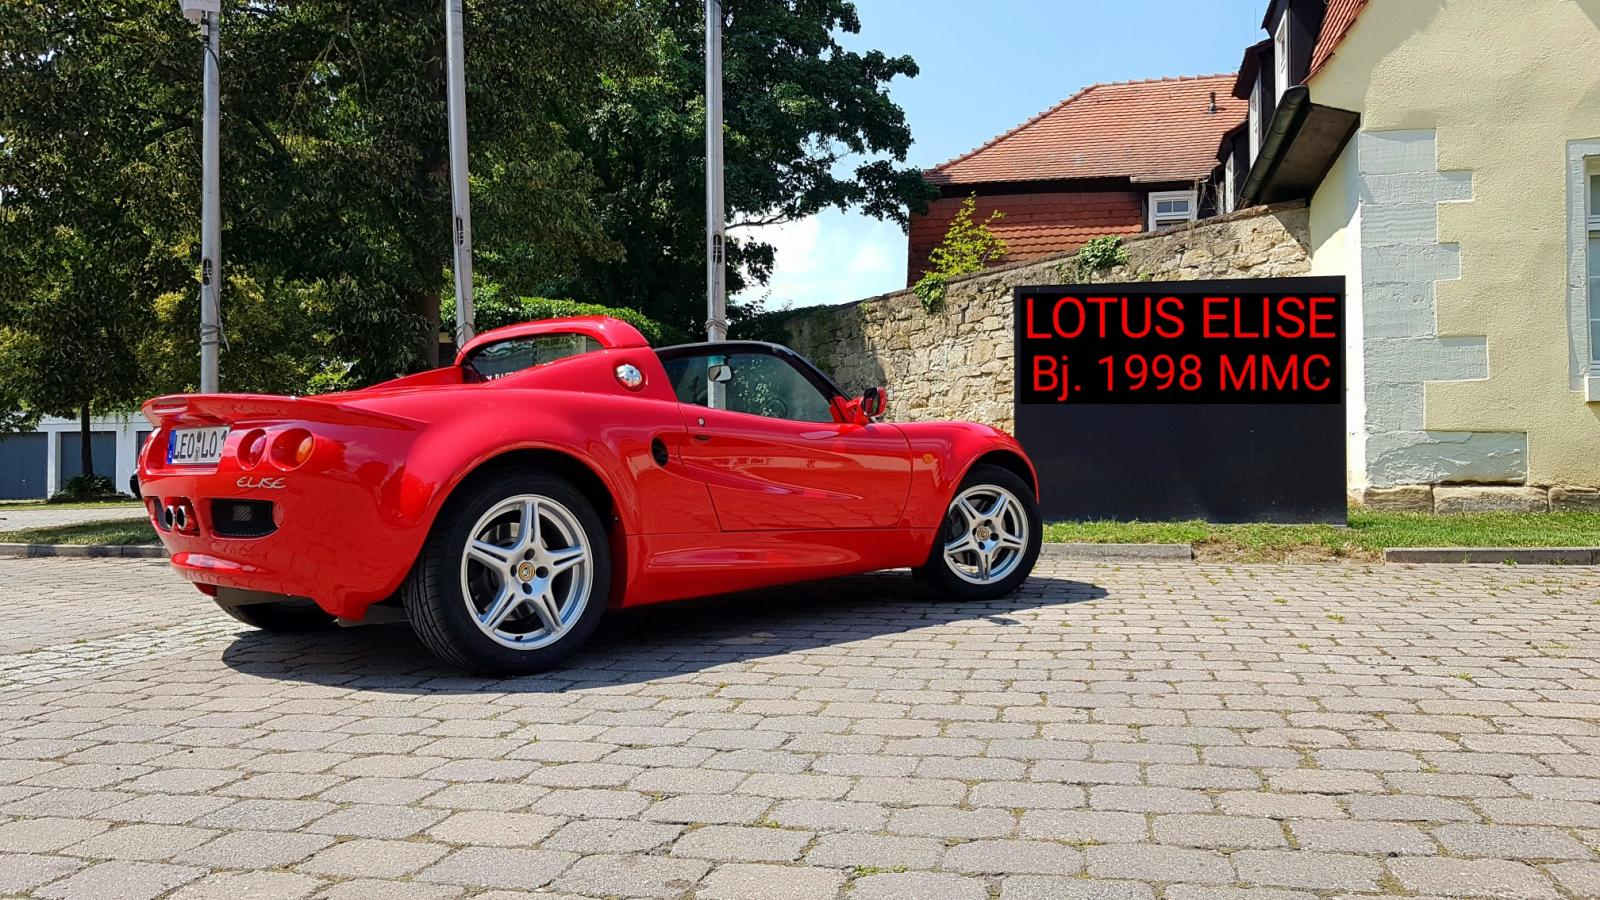 Lotus Elise MK1 Bj. 1998